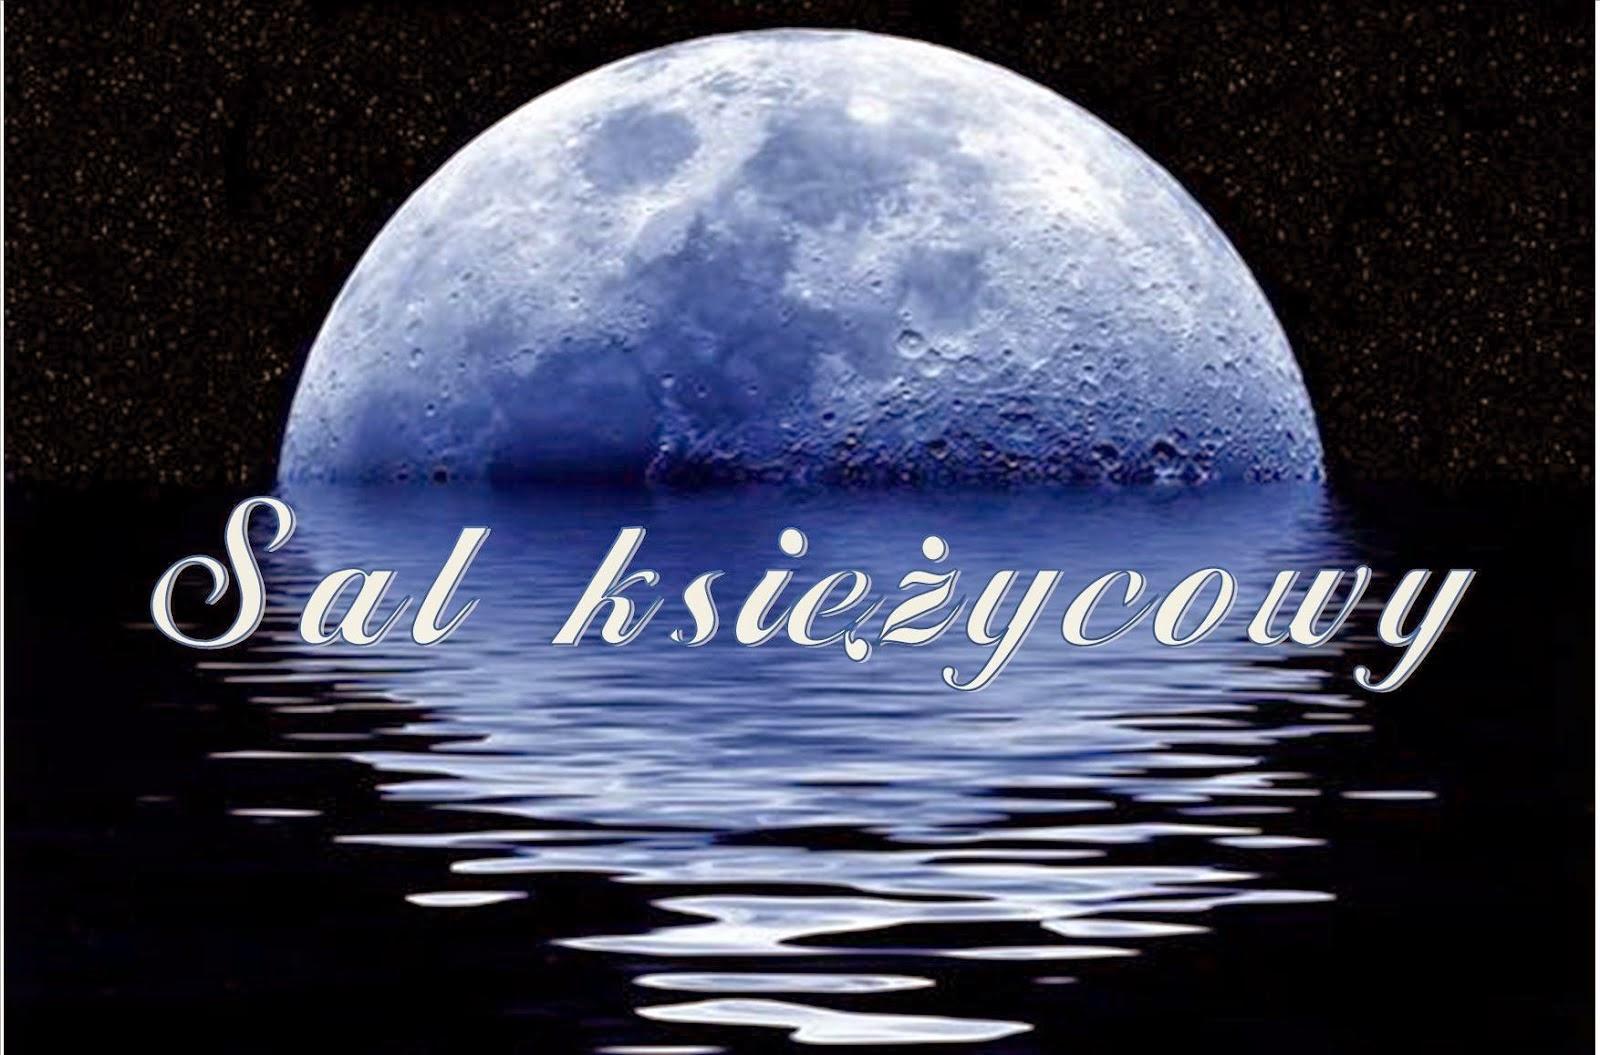 Sal księżycowy 2014